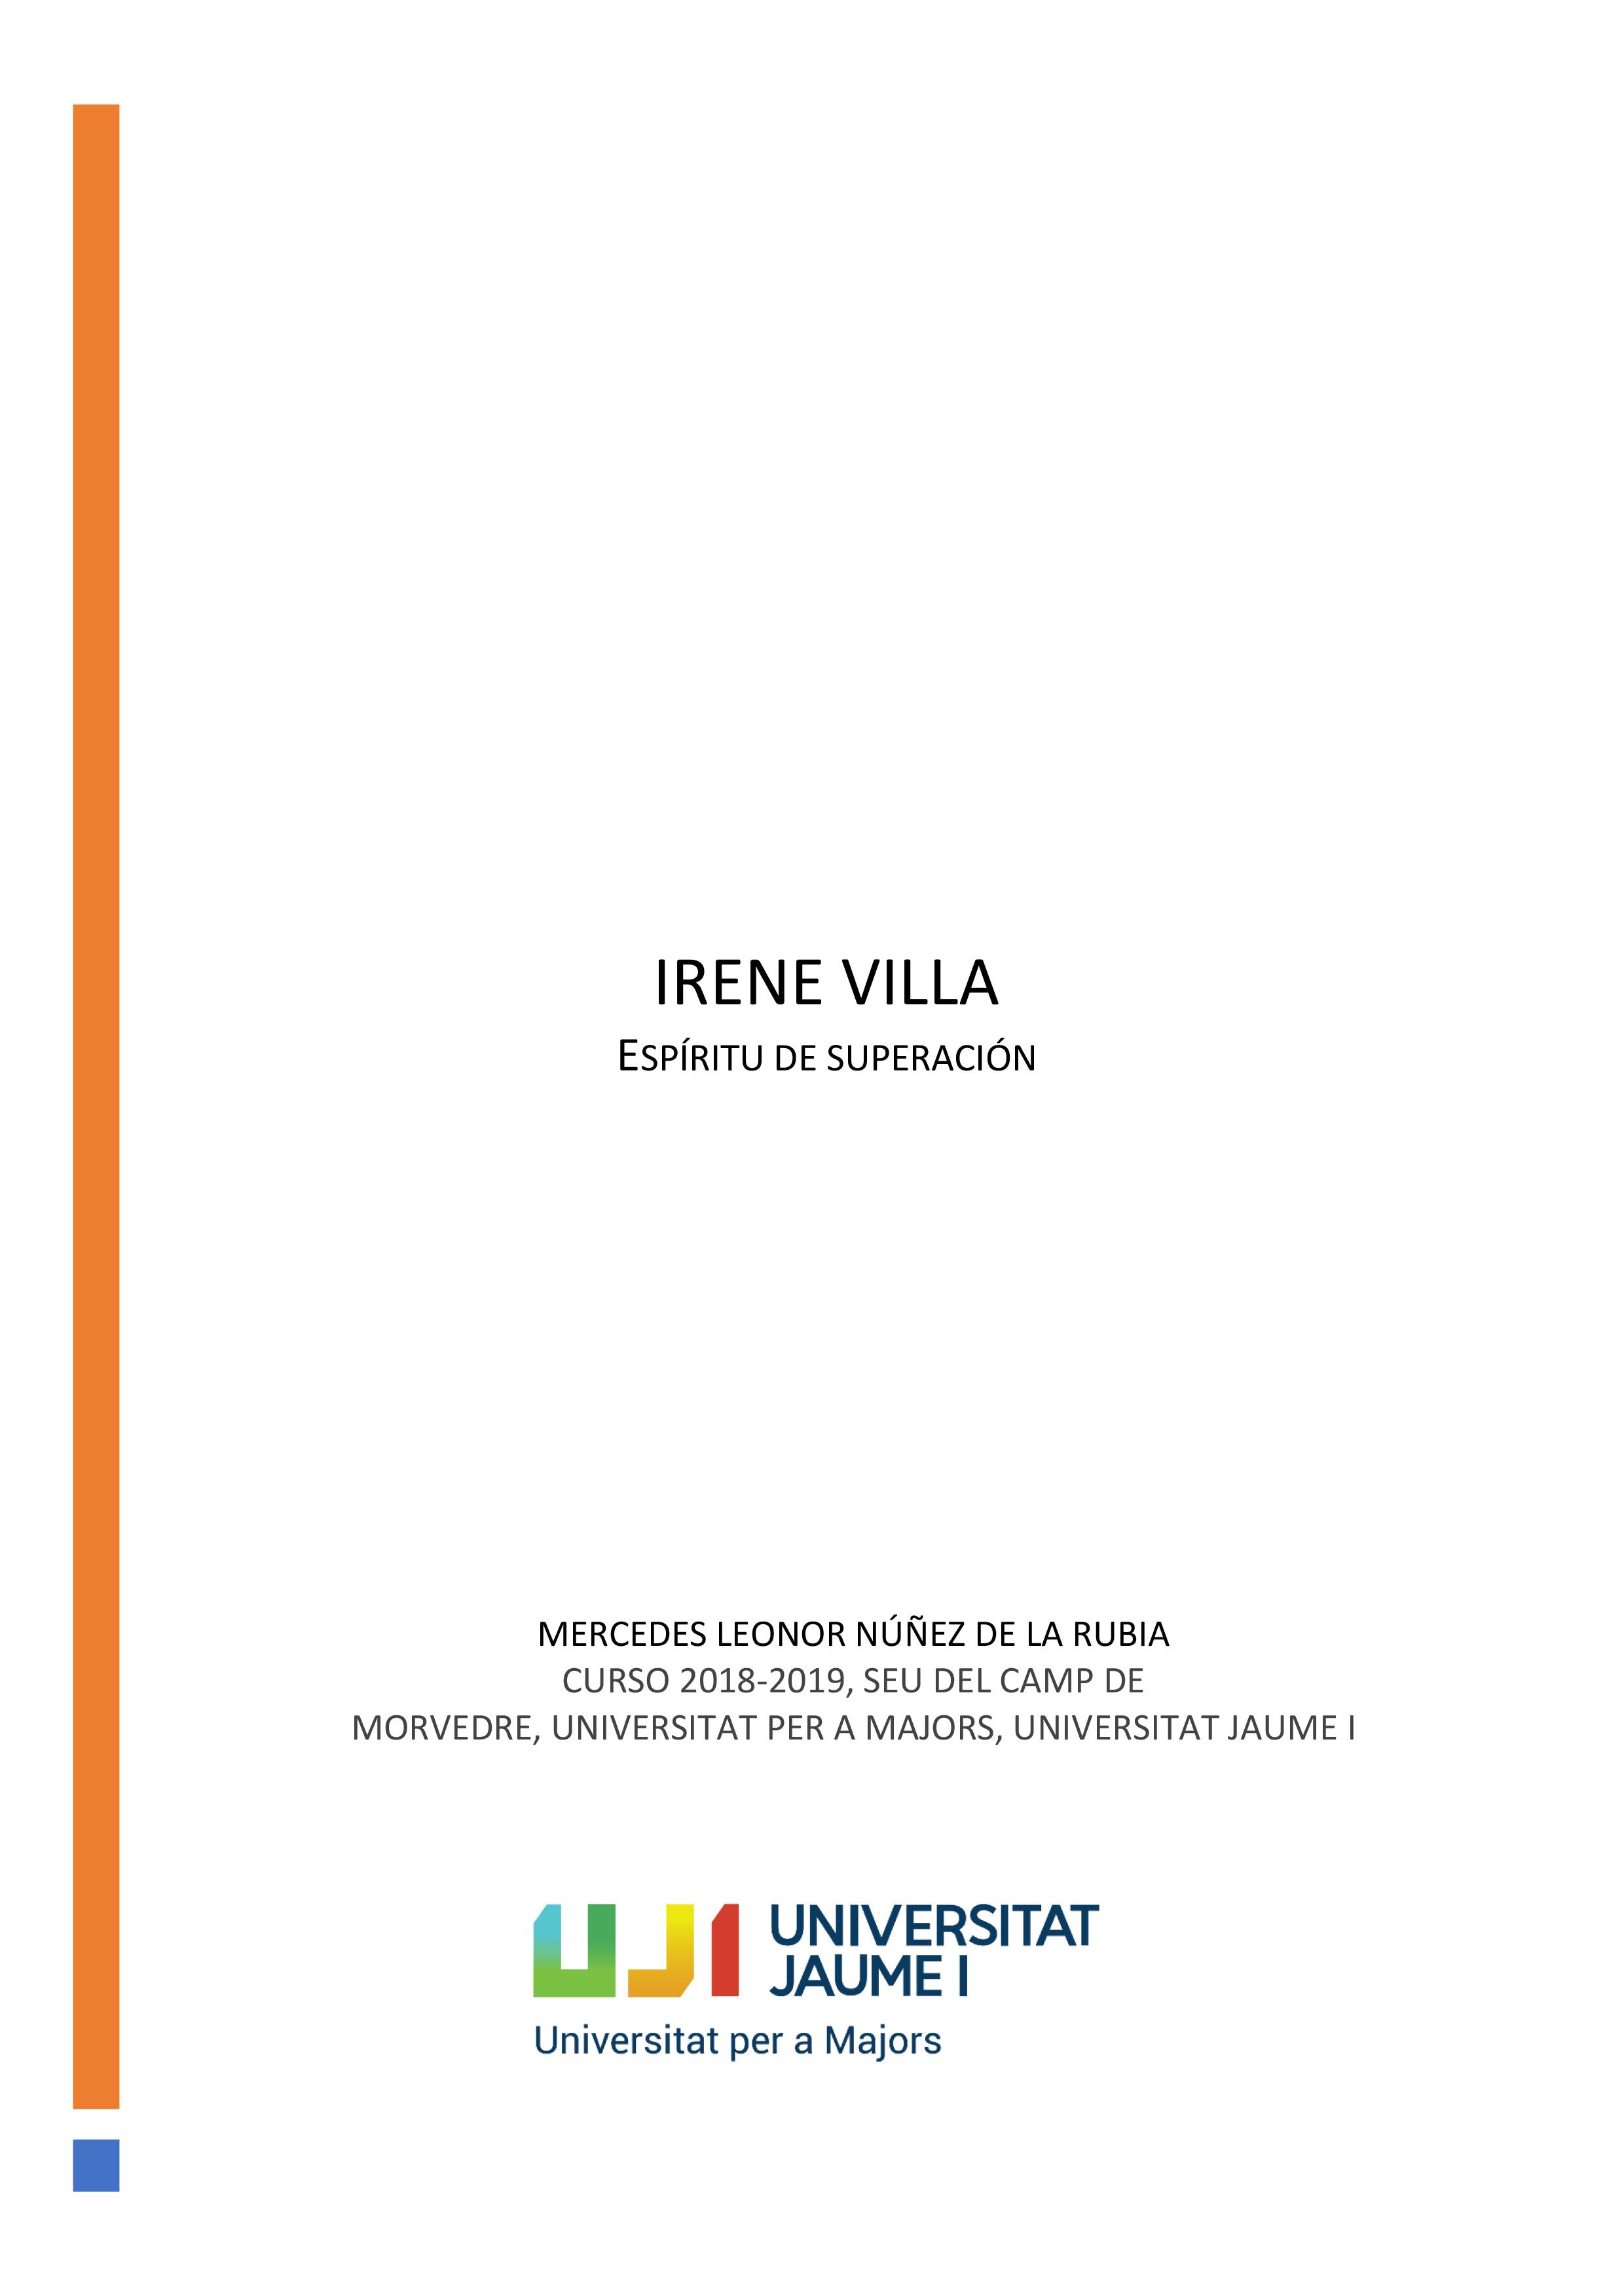 IRENE-VILLA_-ESPÍRITU-DE-SUPERACIÓN